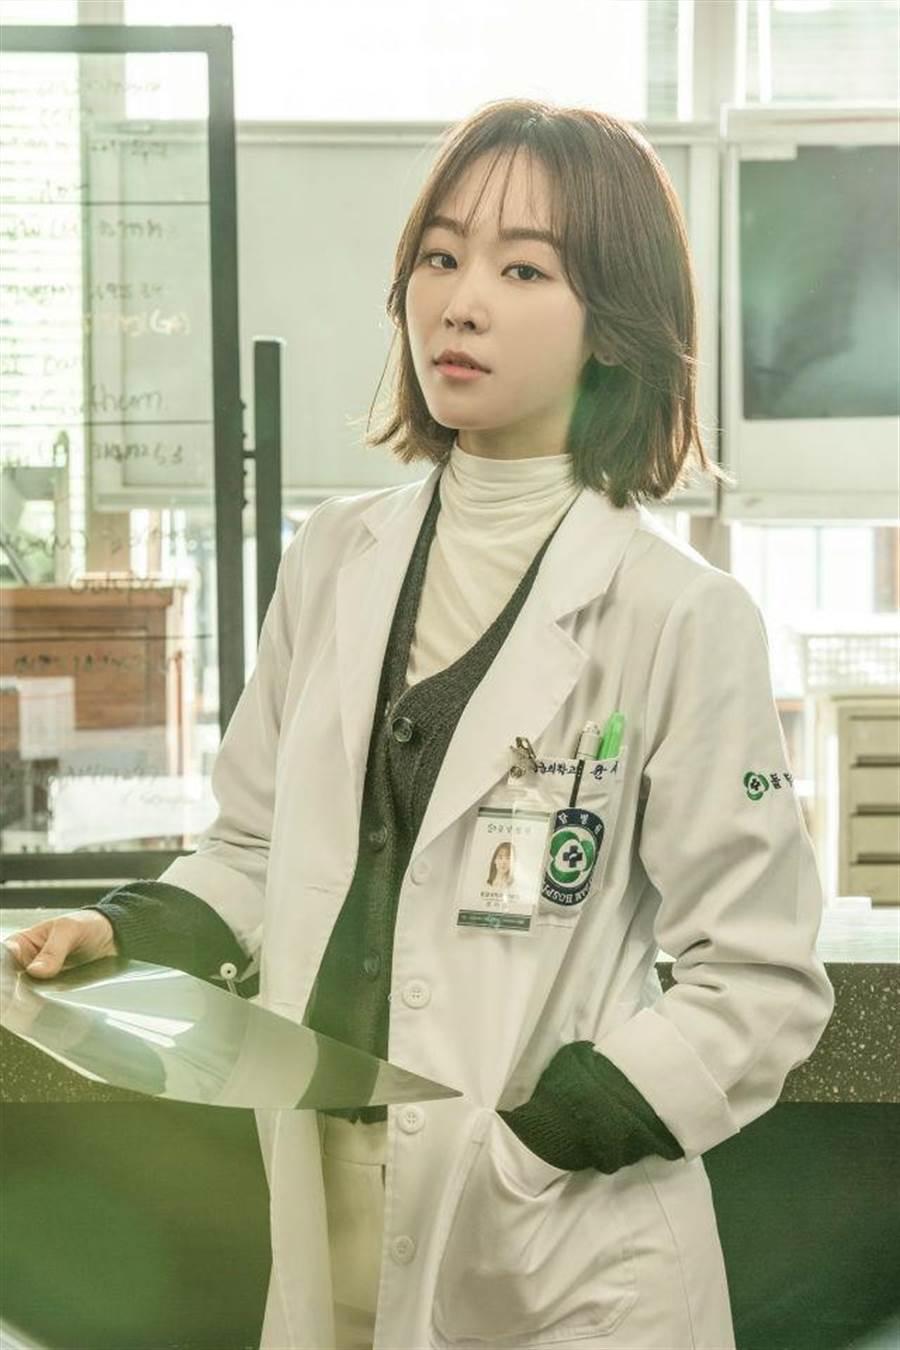 徐玄振在《浪漫醫生金師傅》飾演外科醫生(圖/KKTV 提供)